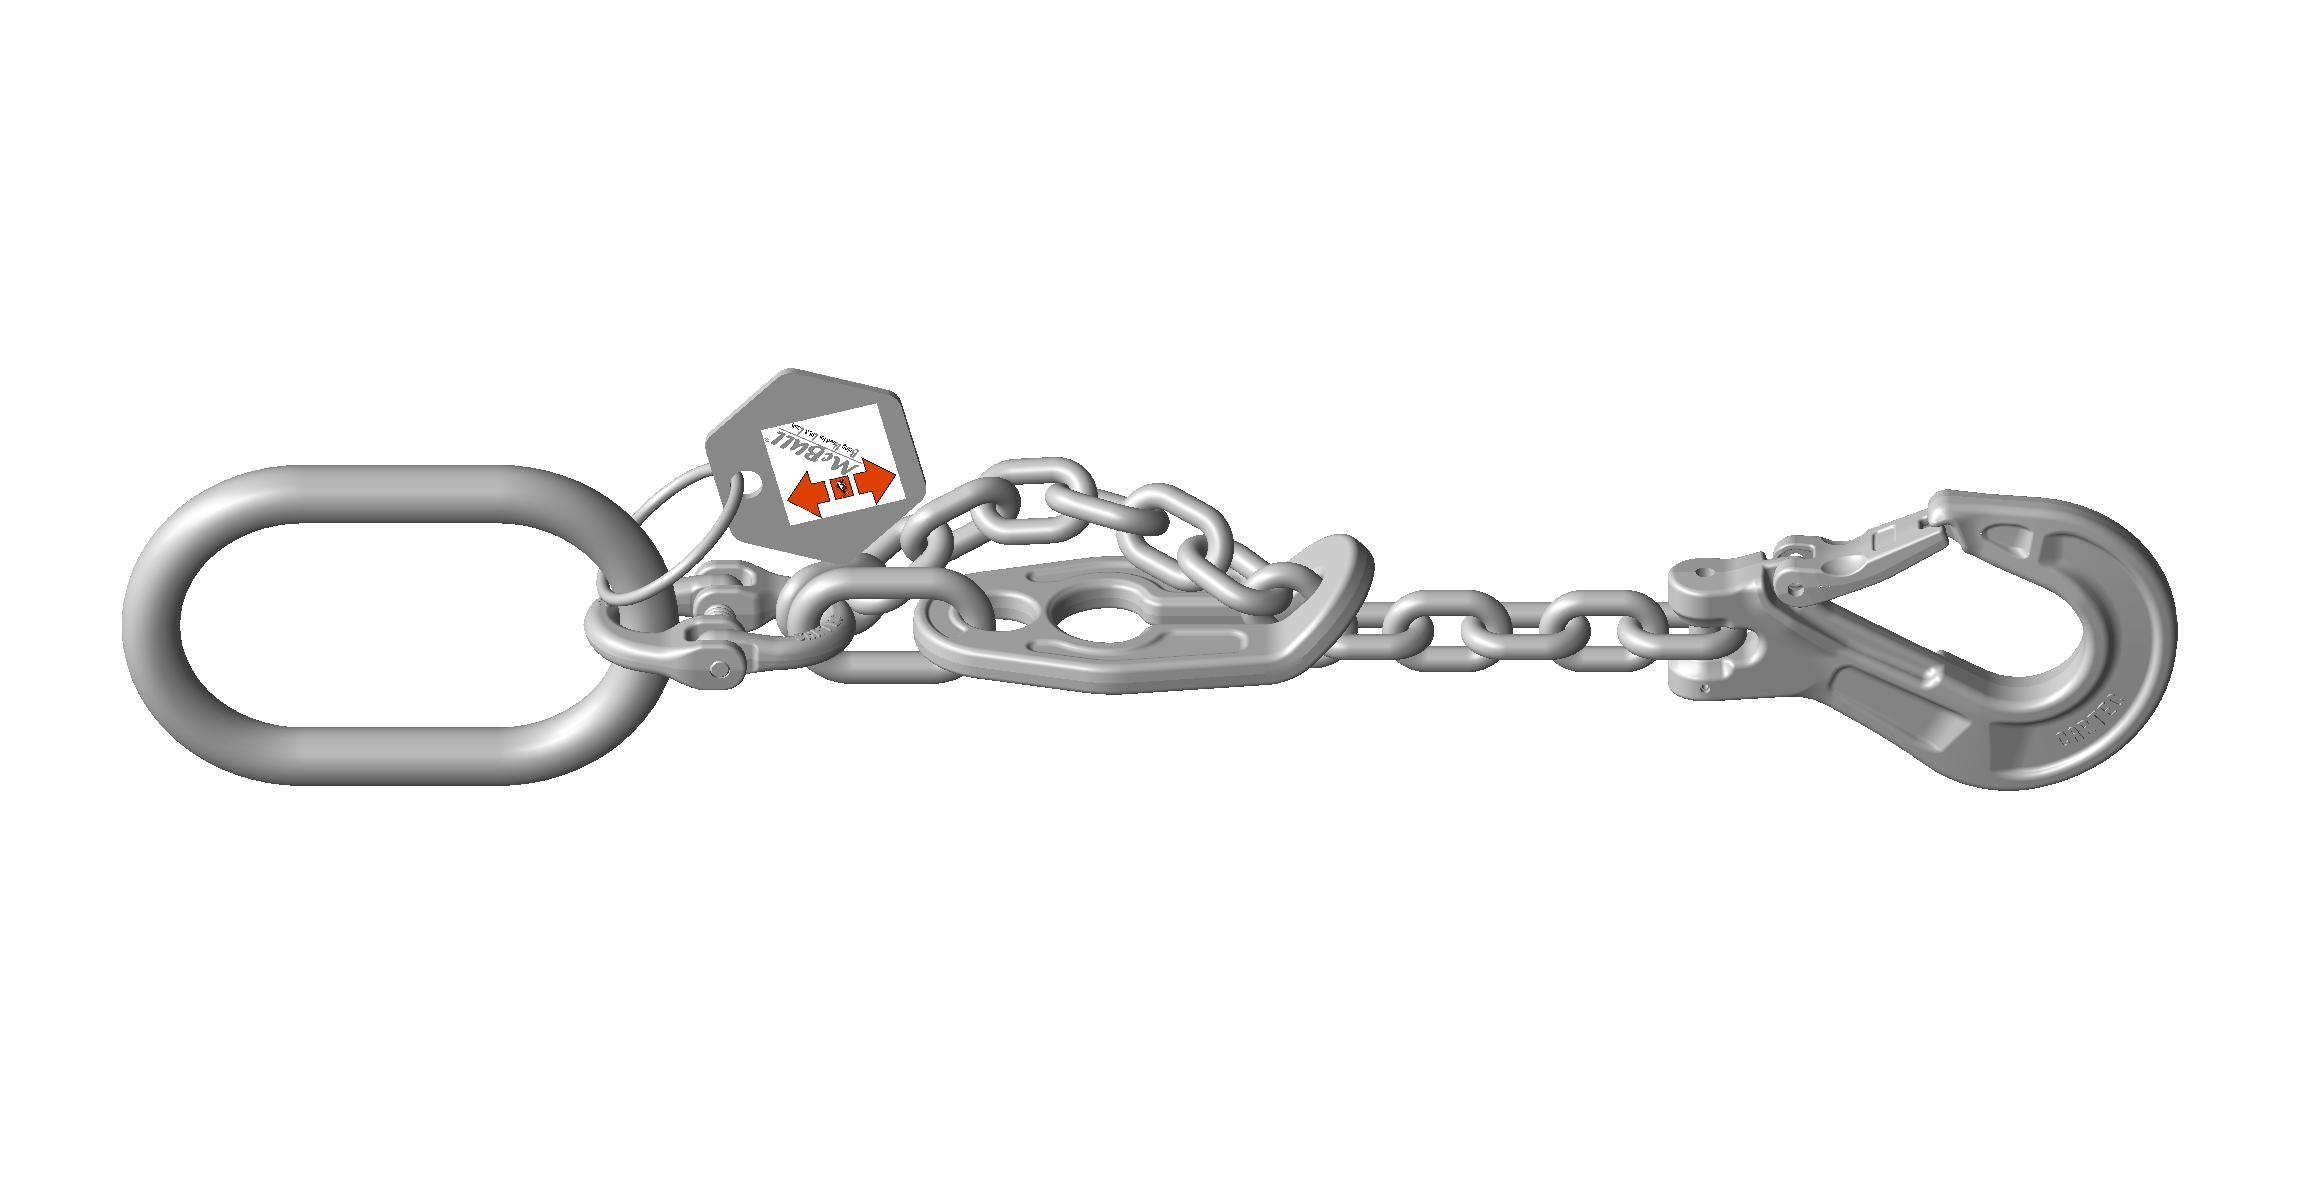 INOX Einstrang-Kettengehänge - EDELSTAHL Güteklasse 6